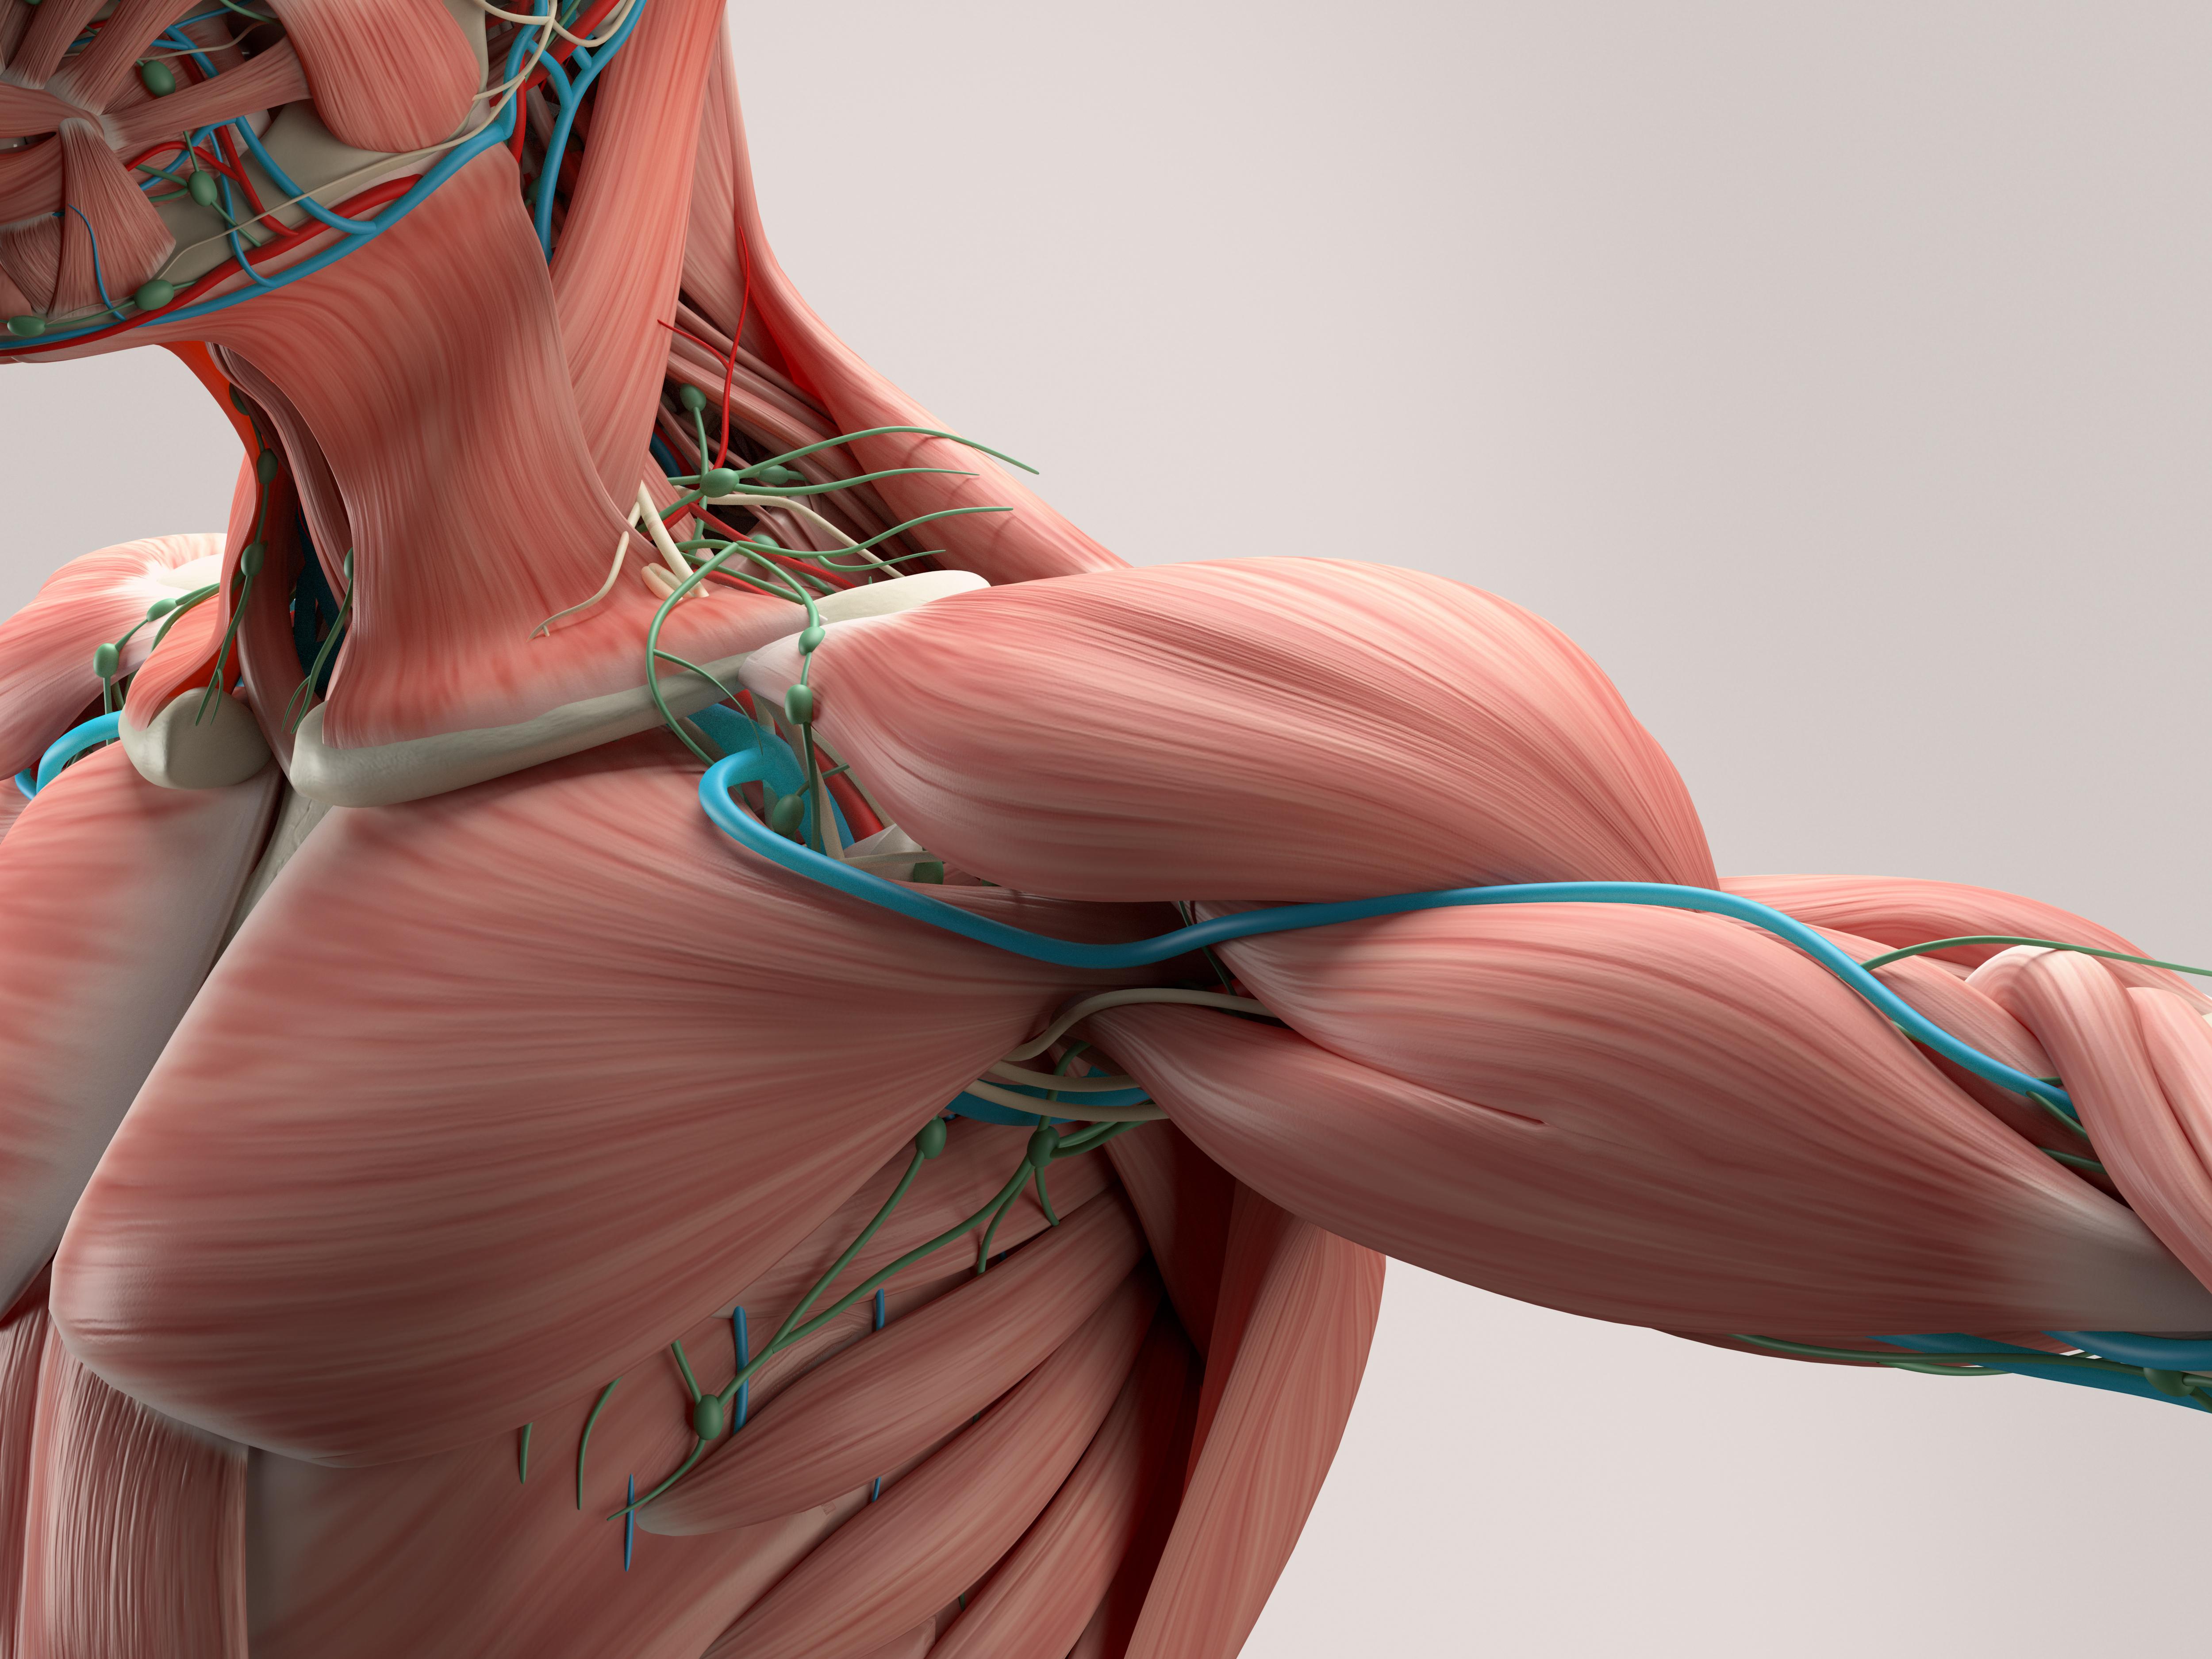 Practicumonderwijs: Interactieve Klinische Anatomie